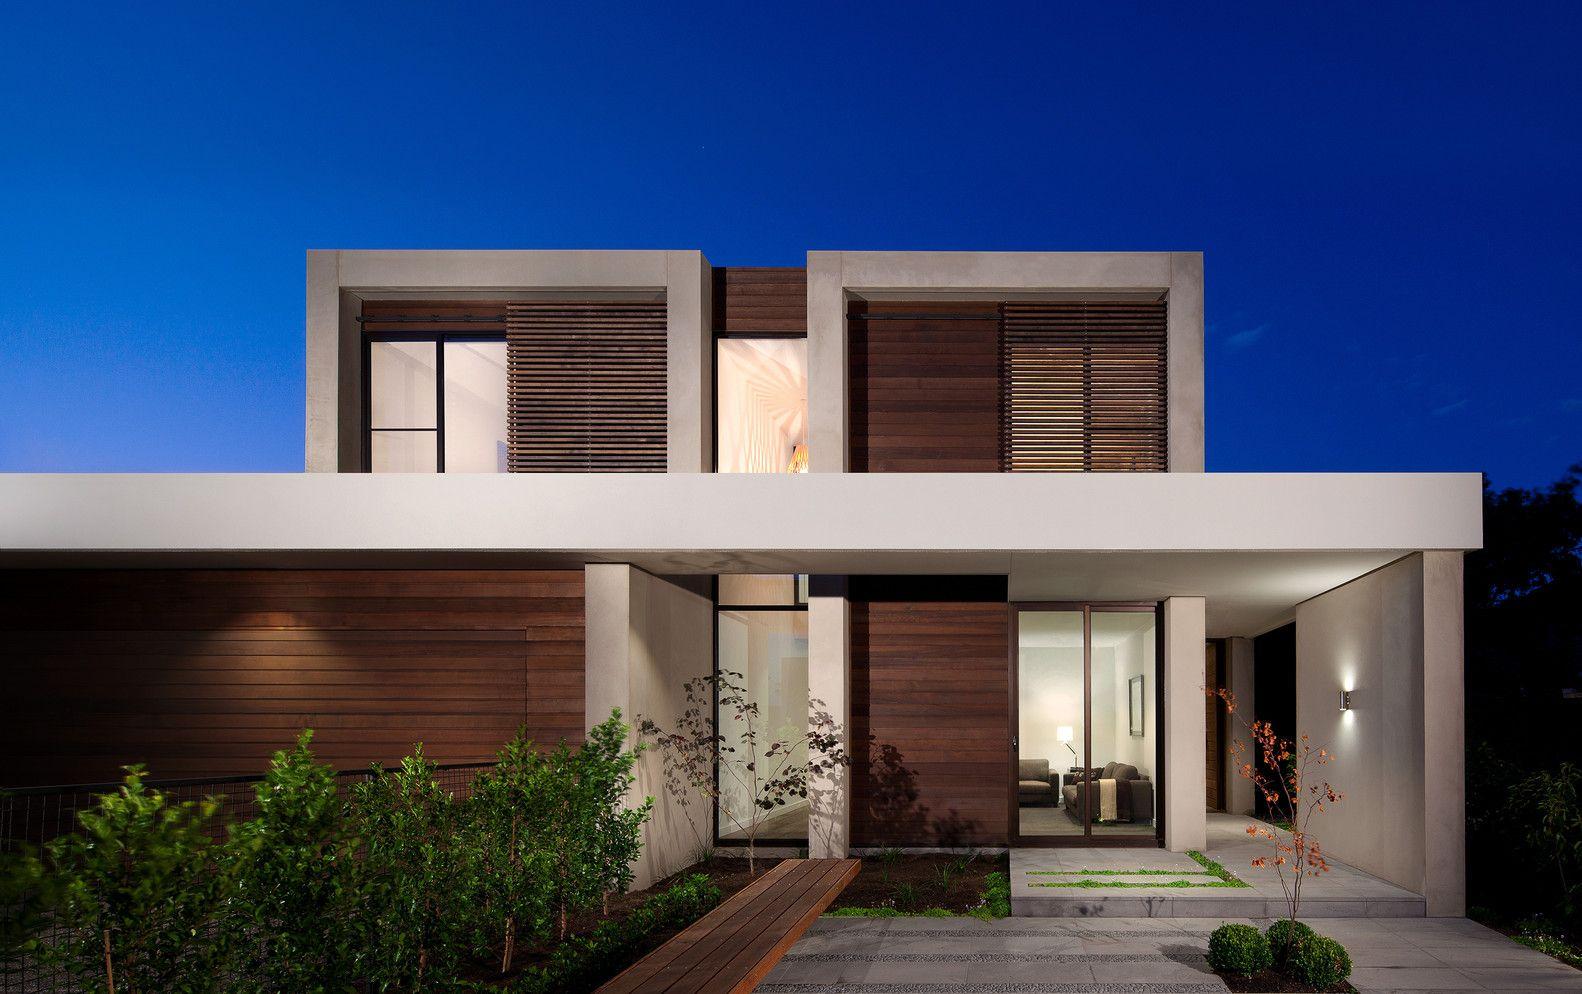 Galeria de Casa Brighton / InForm - 2 | Moderne häuser und Häuschen